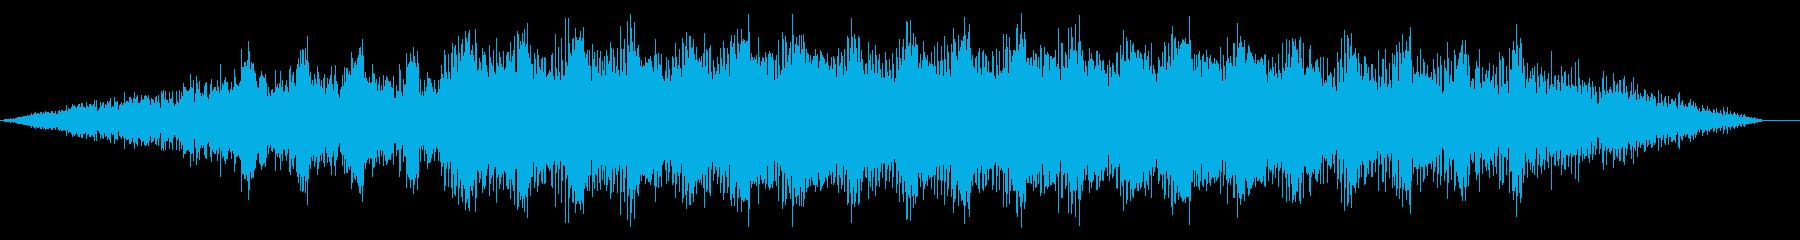 シンプルノイジーなディープハウスの再生済みの波形